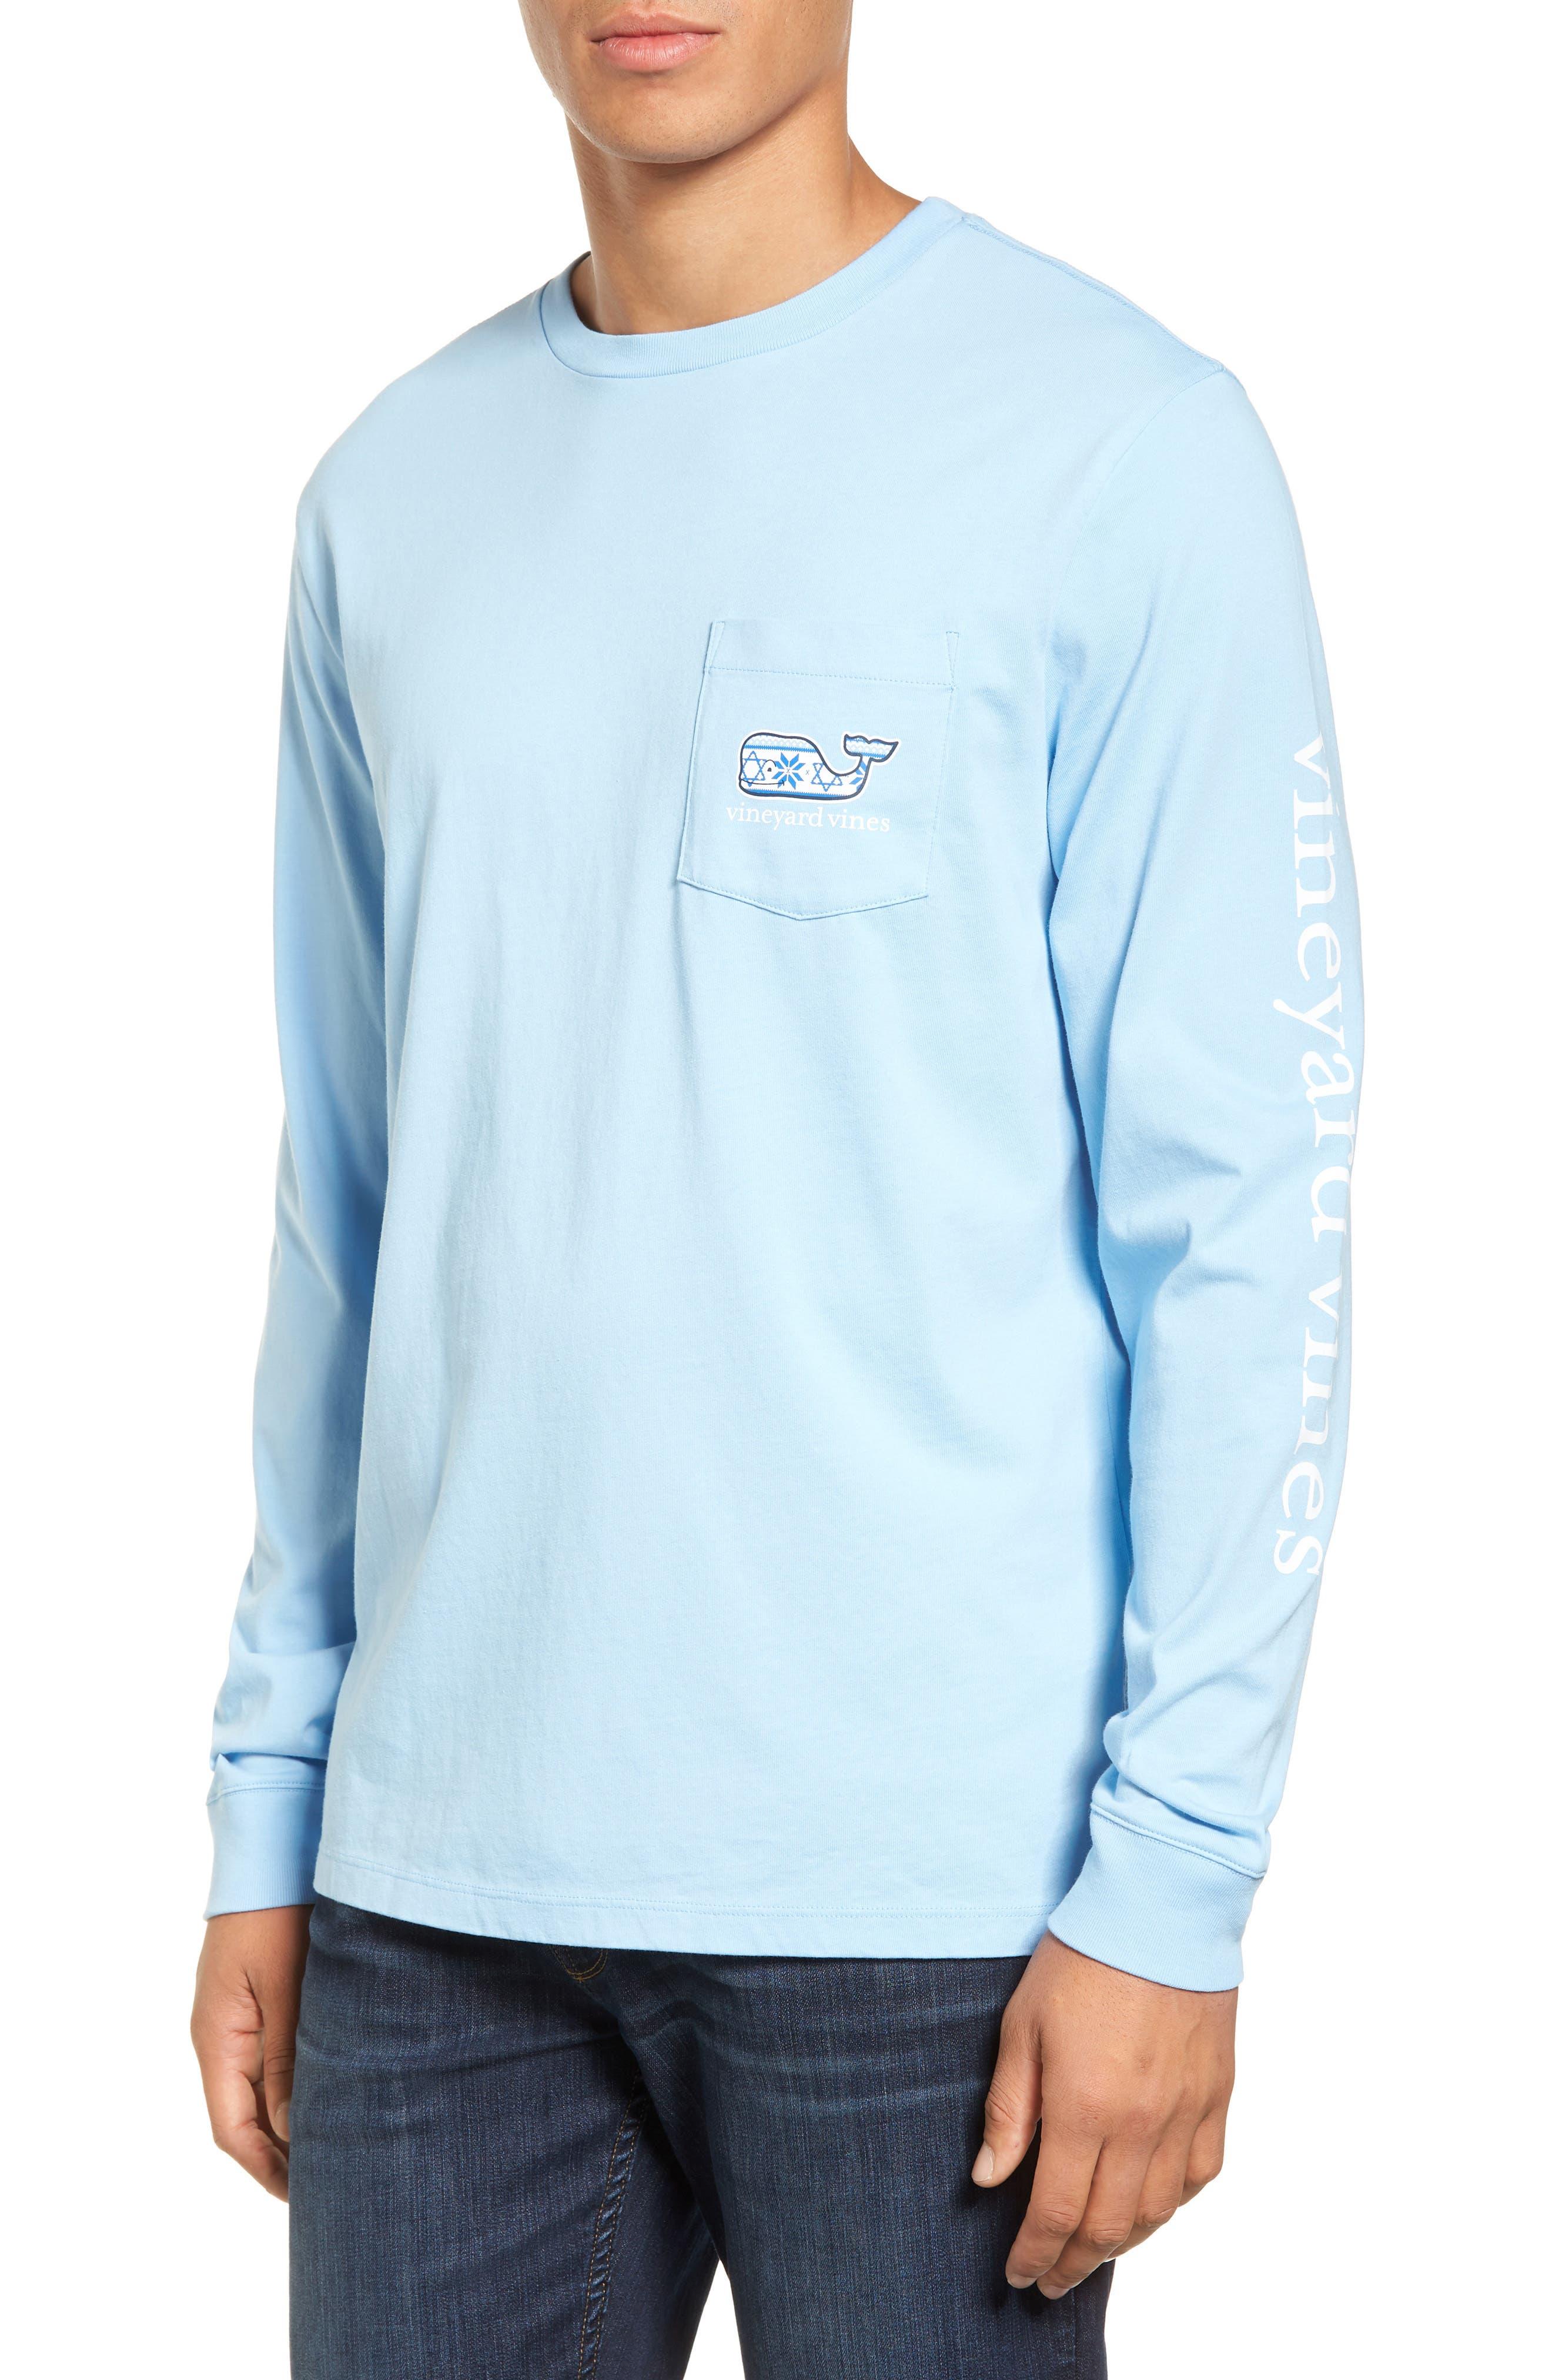 Hanukkah Fair Isle Whale Fill Pocket T-Shirt,                         Main,                         color, 456